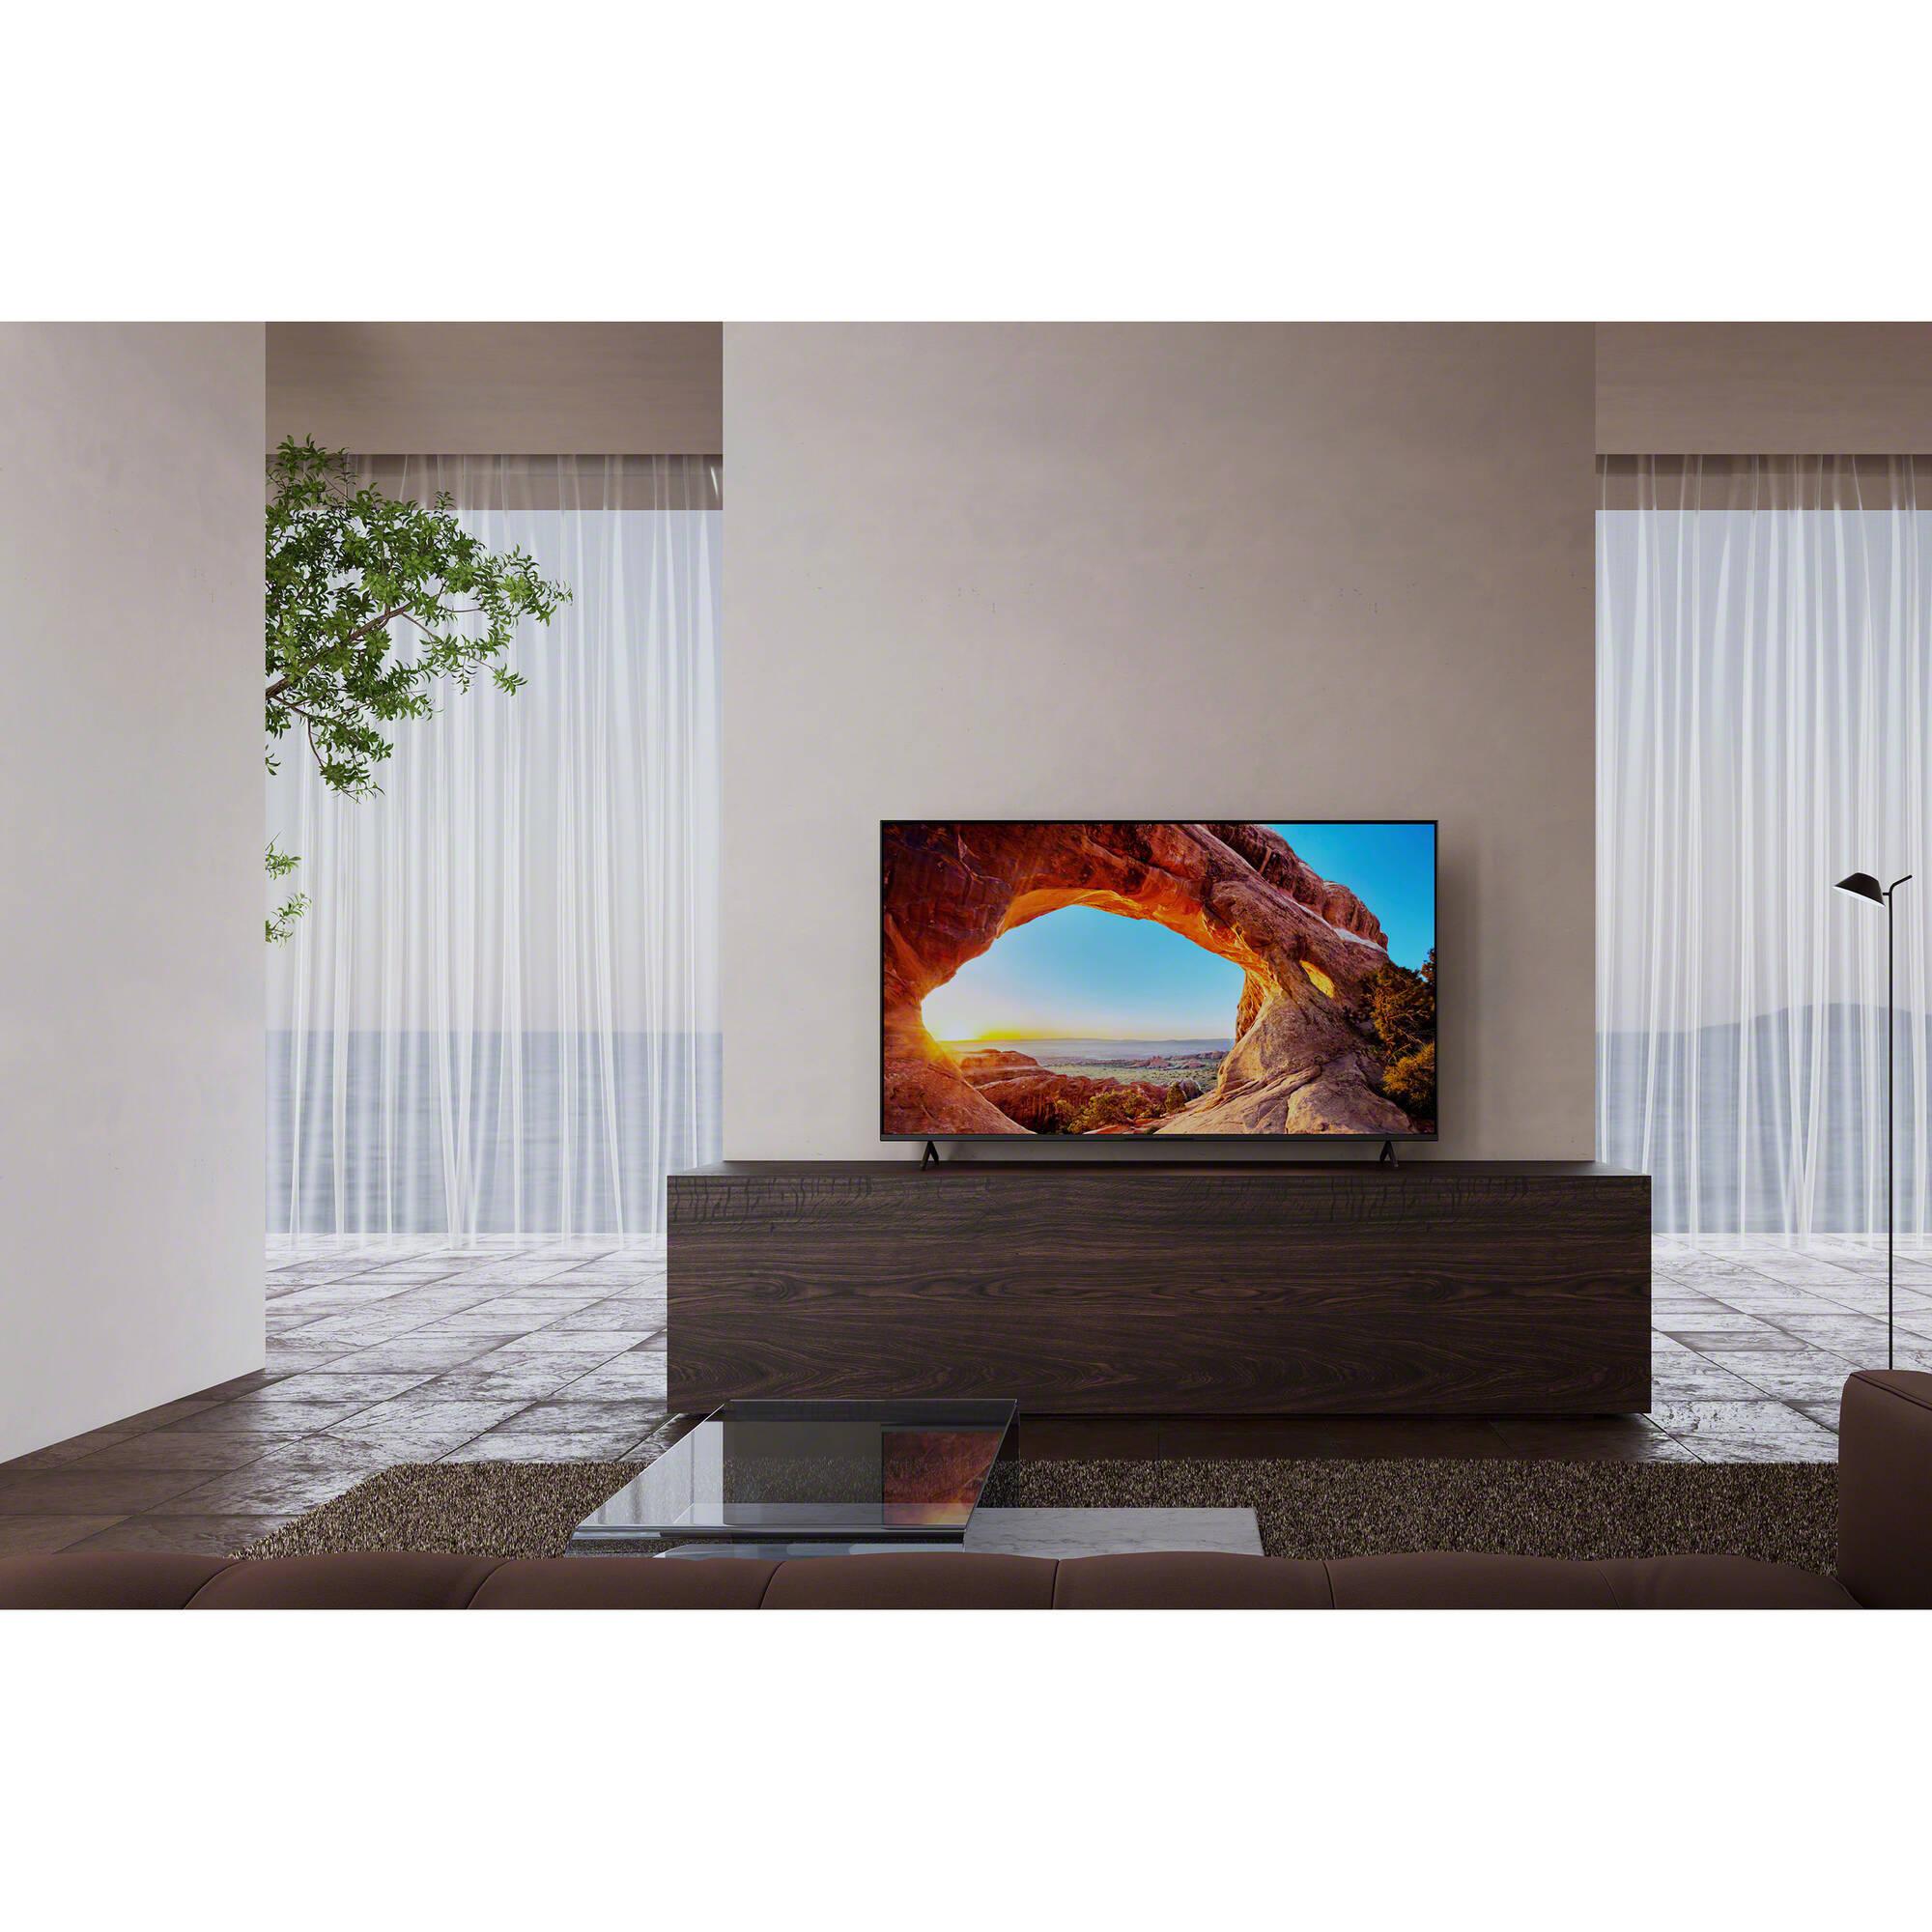 Купить телевизор Sony Bravia KD85X85TJ в фирменном магазине